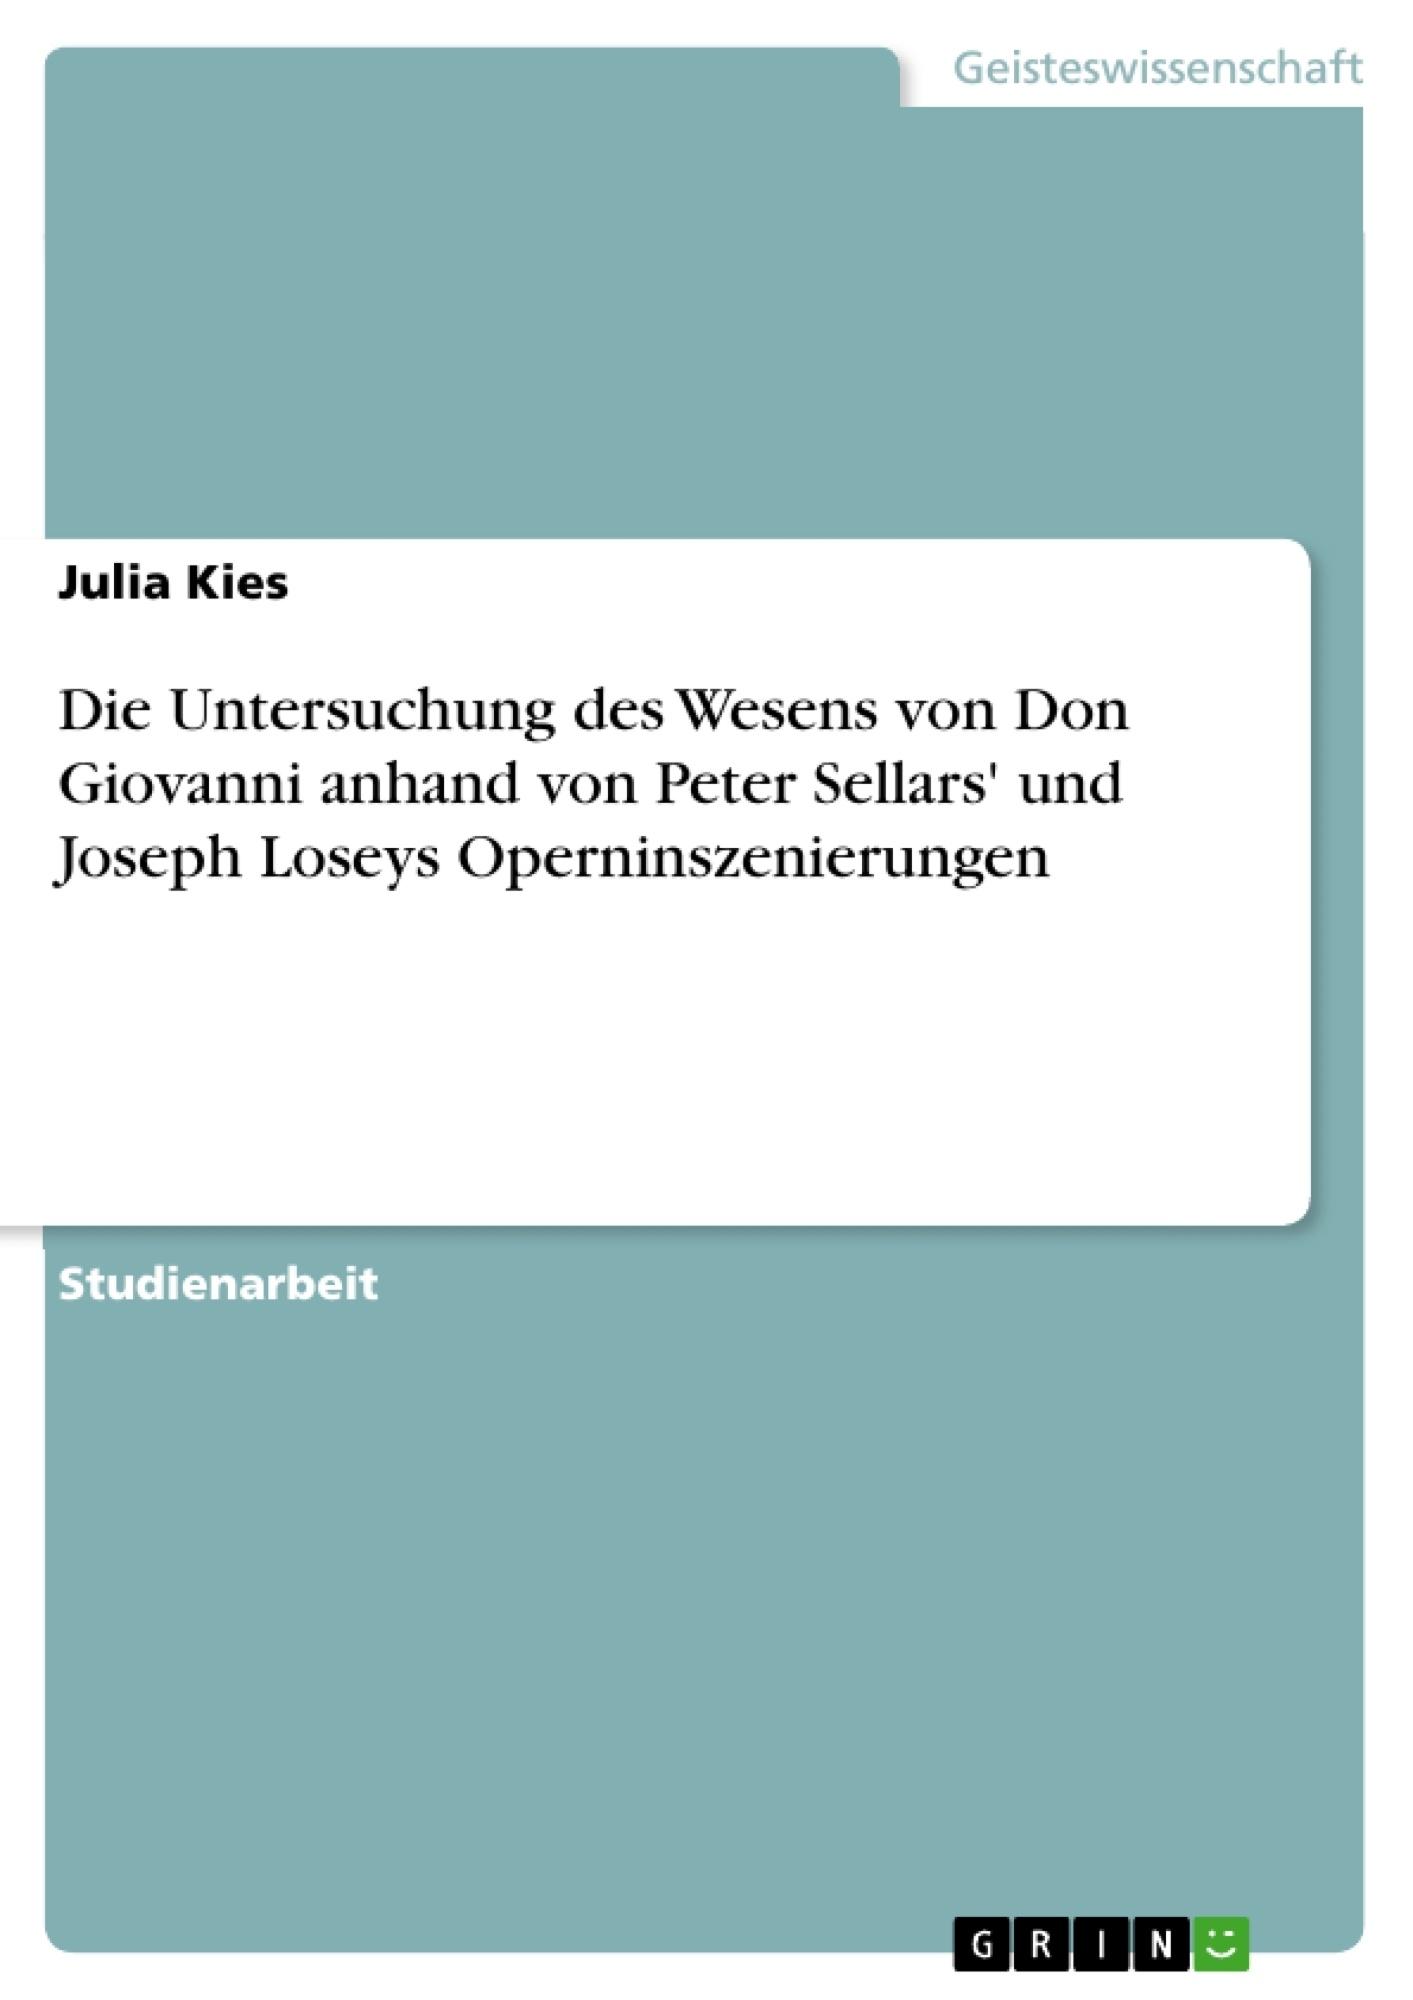 Titel: Die Untersuchung des Wesens von Don Giovanni anhand von Peter Sellars' und Joseph Loseys Operninszenierungen